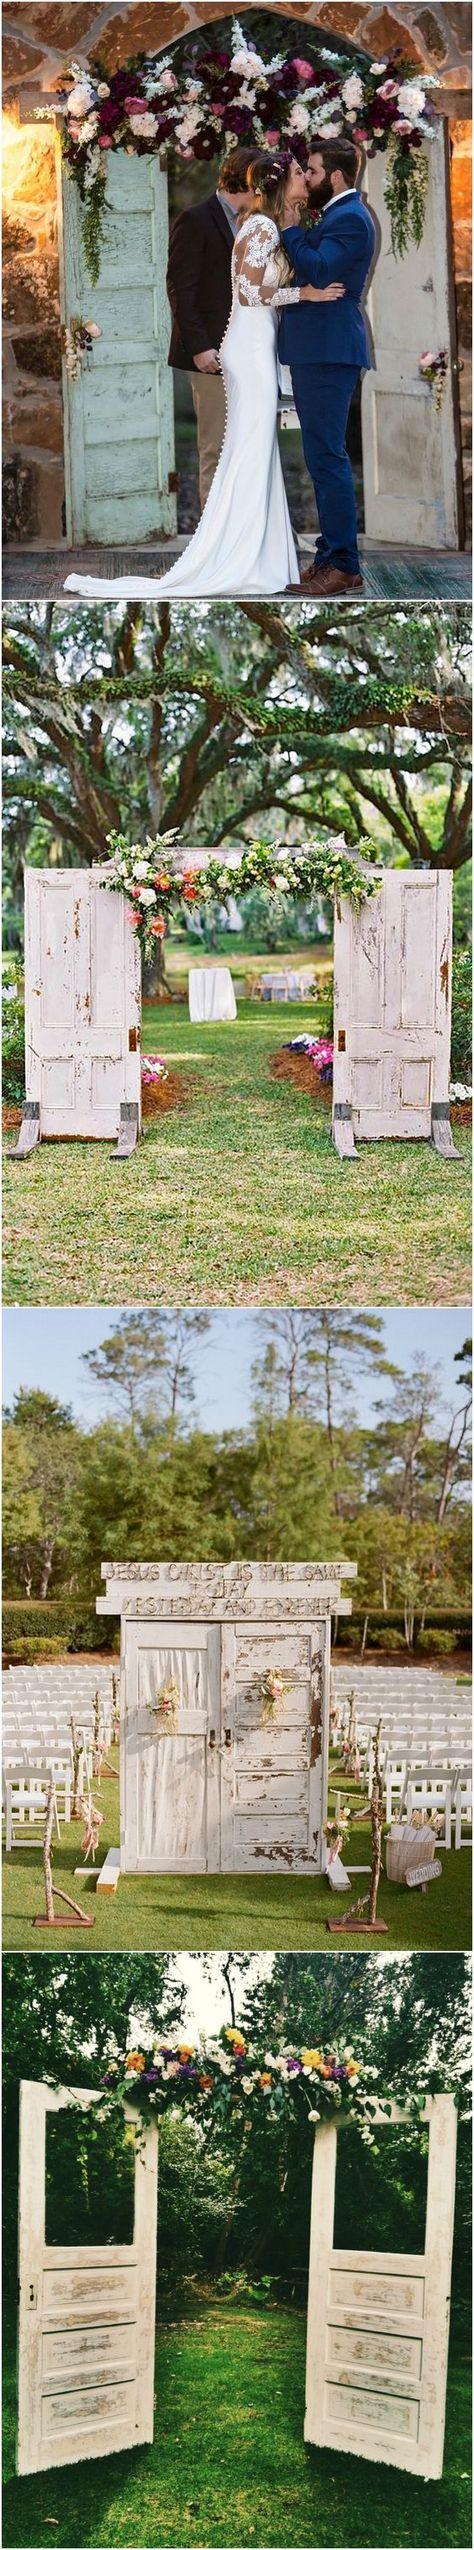 Vintage Rustic Old Door Wedding Backdrops #weddings #rusticweddings #weddingideas #weddingbackdrops